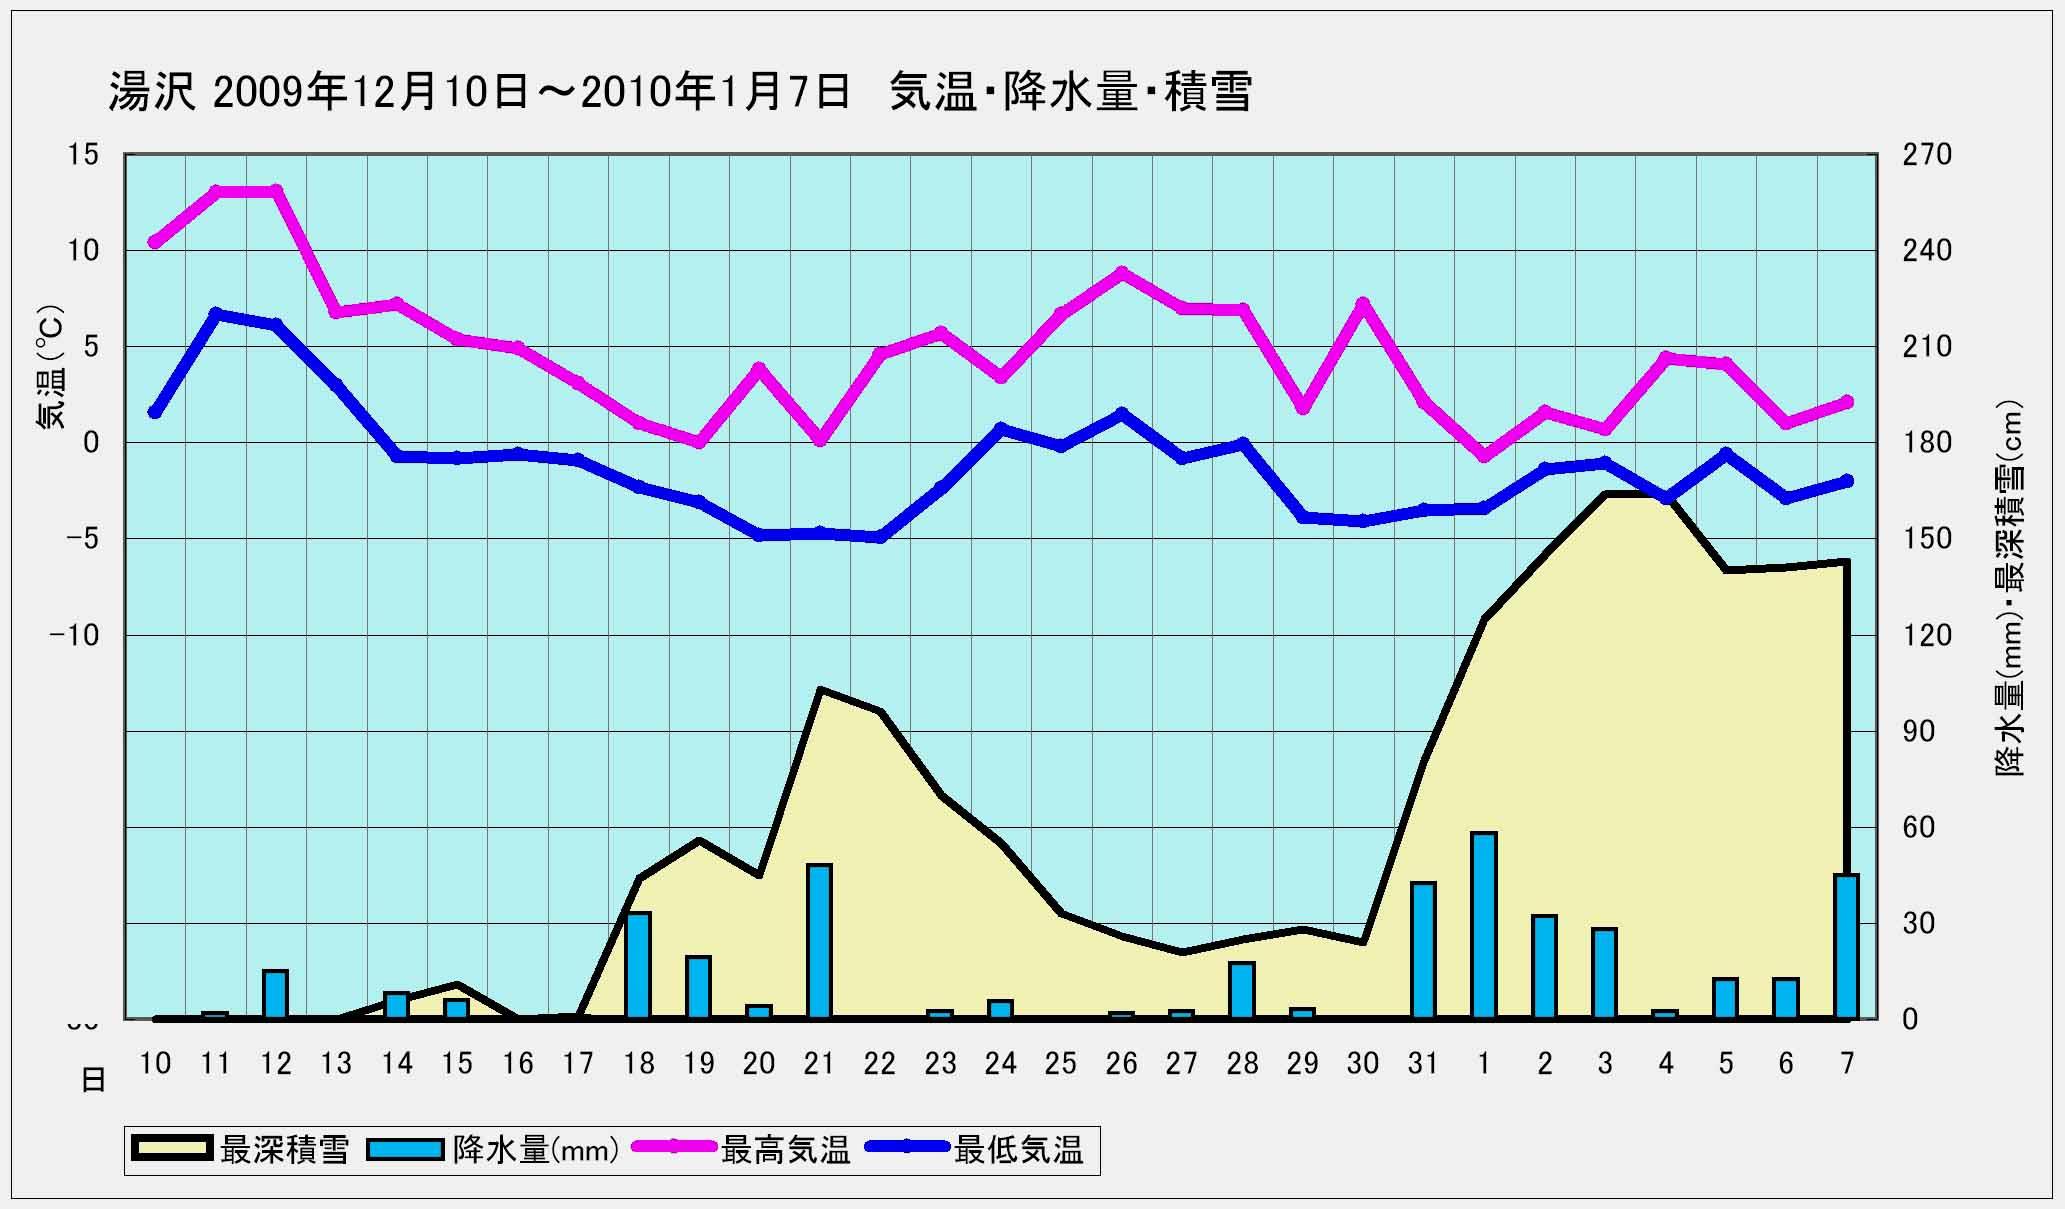 ★湯沢 2009年12月15日~2010年1月7日までの降雪と気温